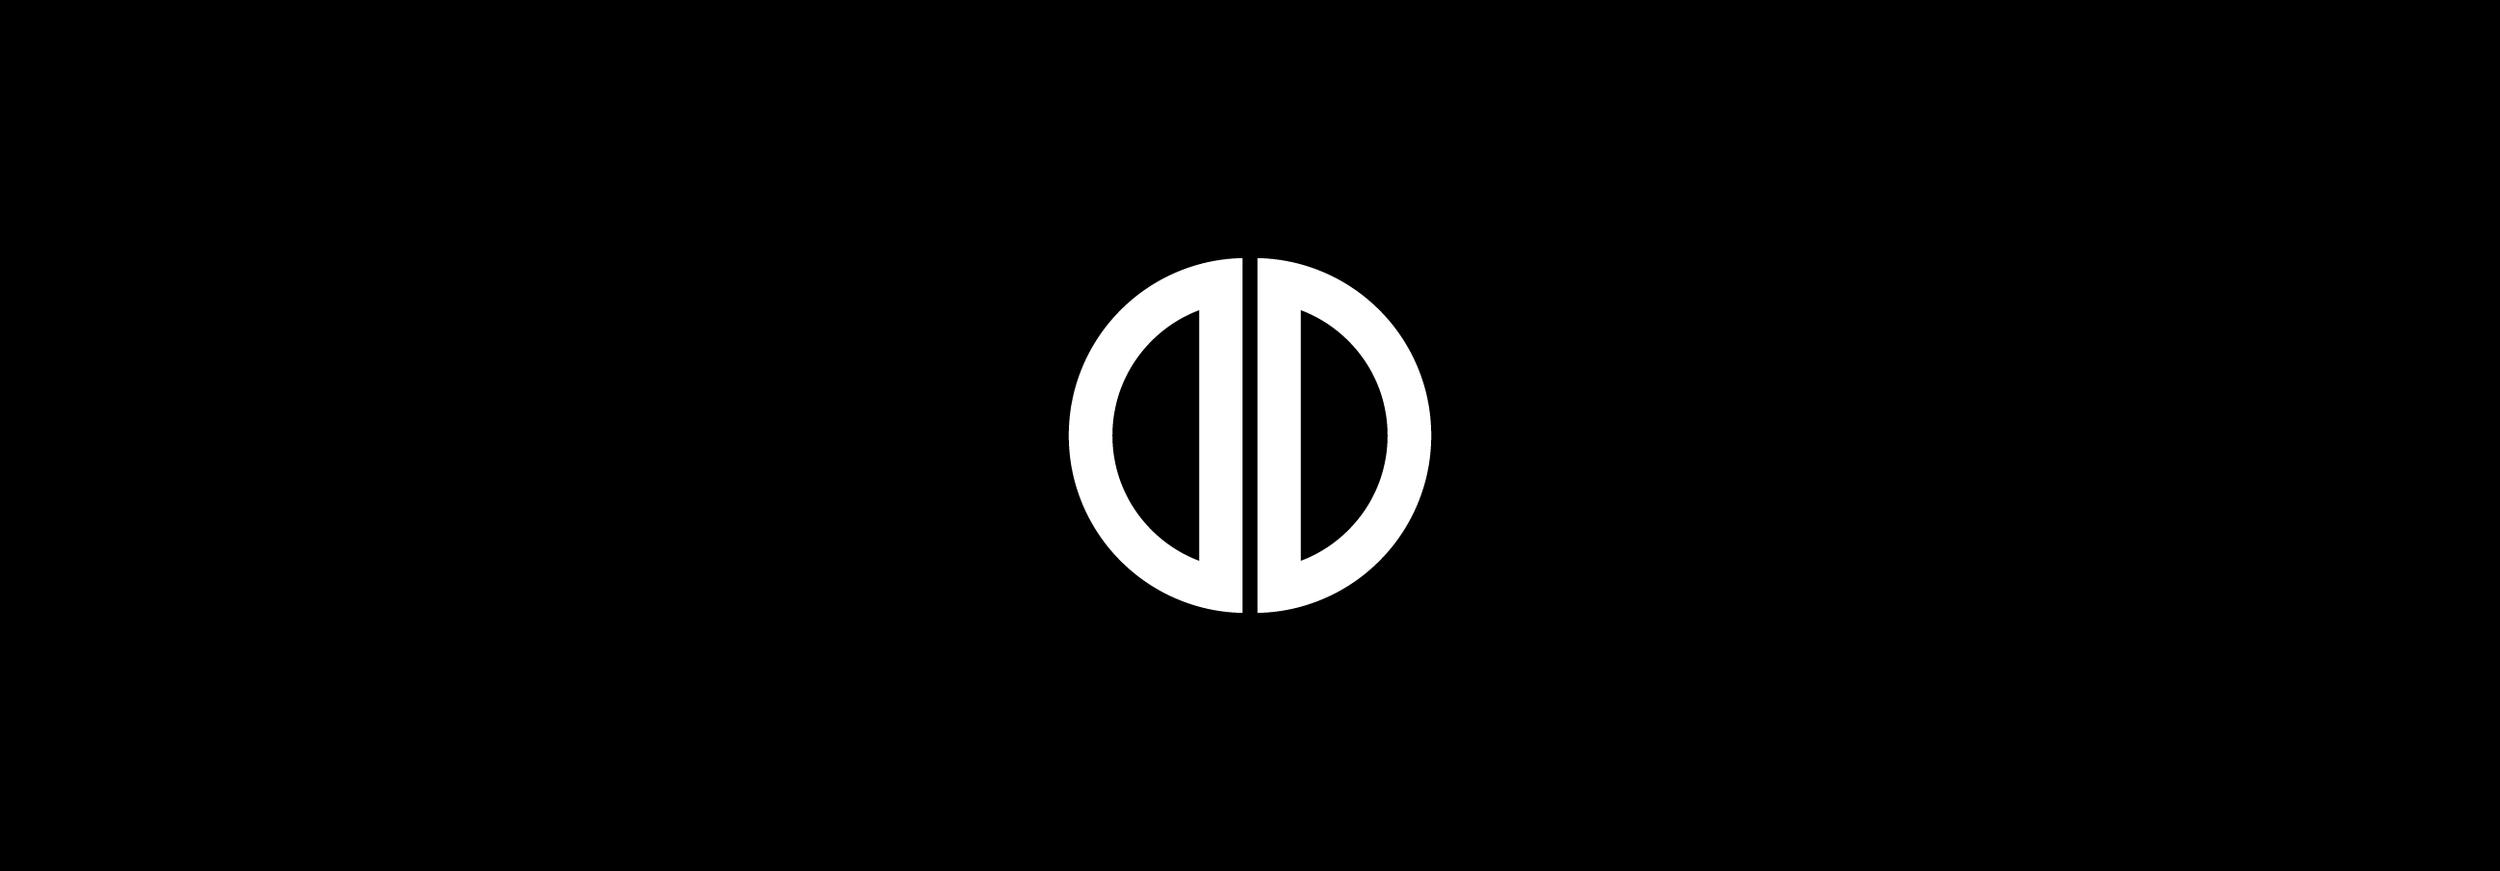 DD4.png